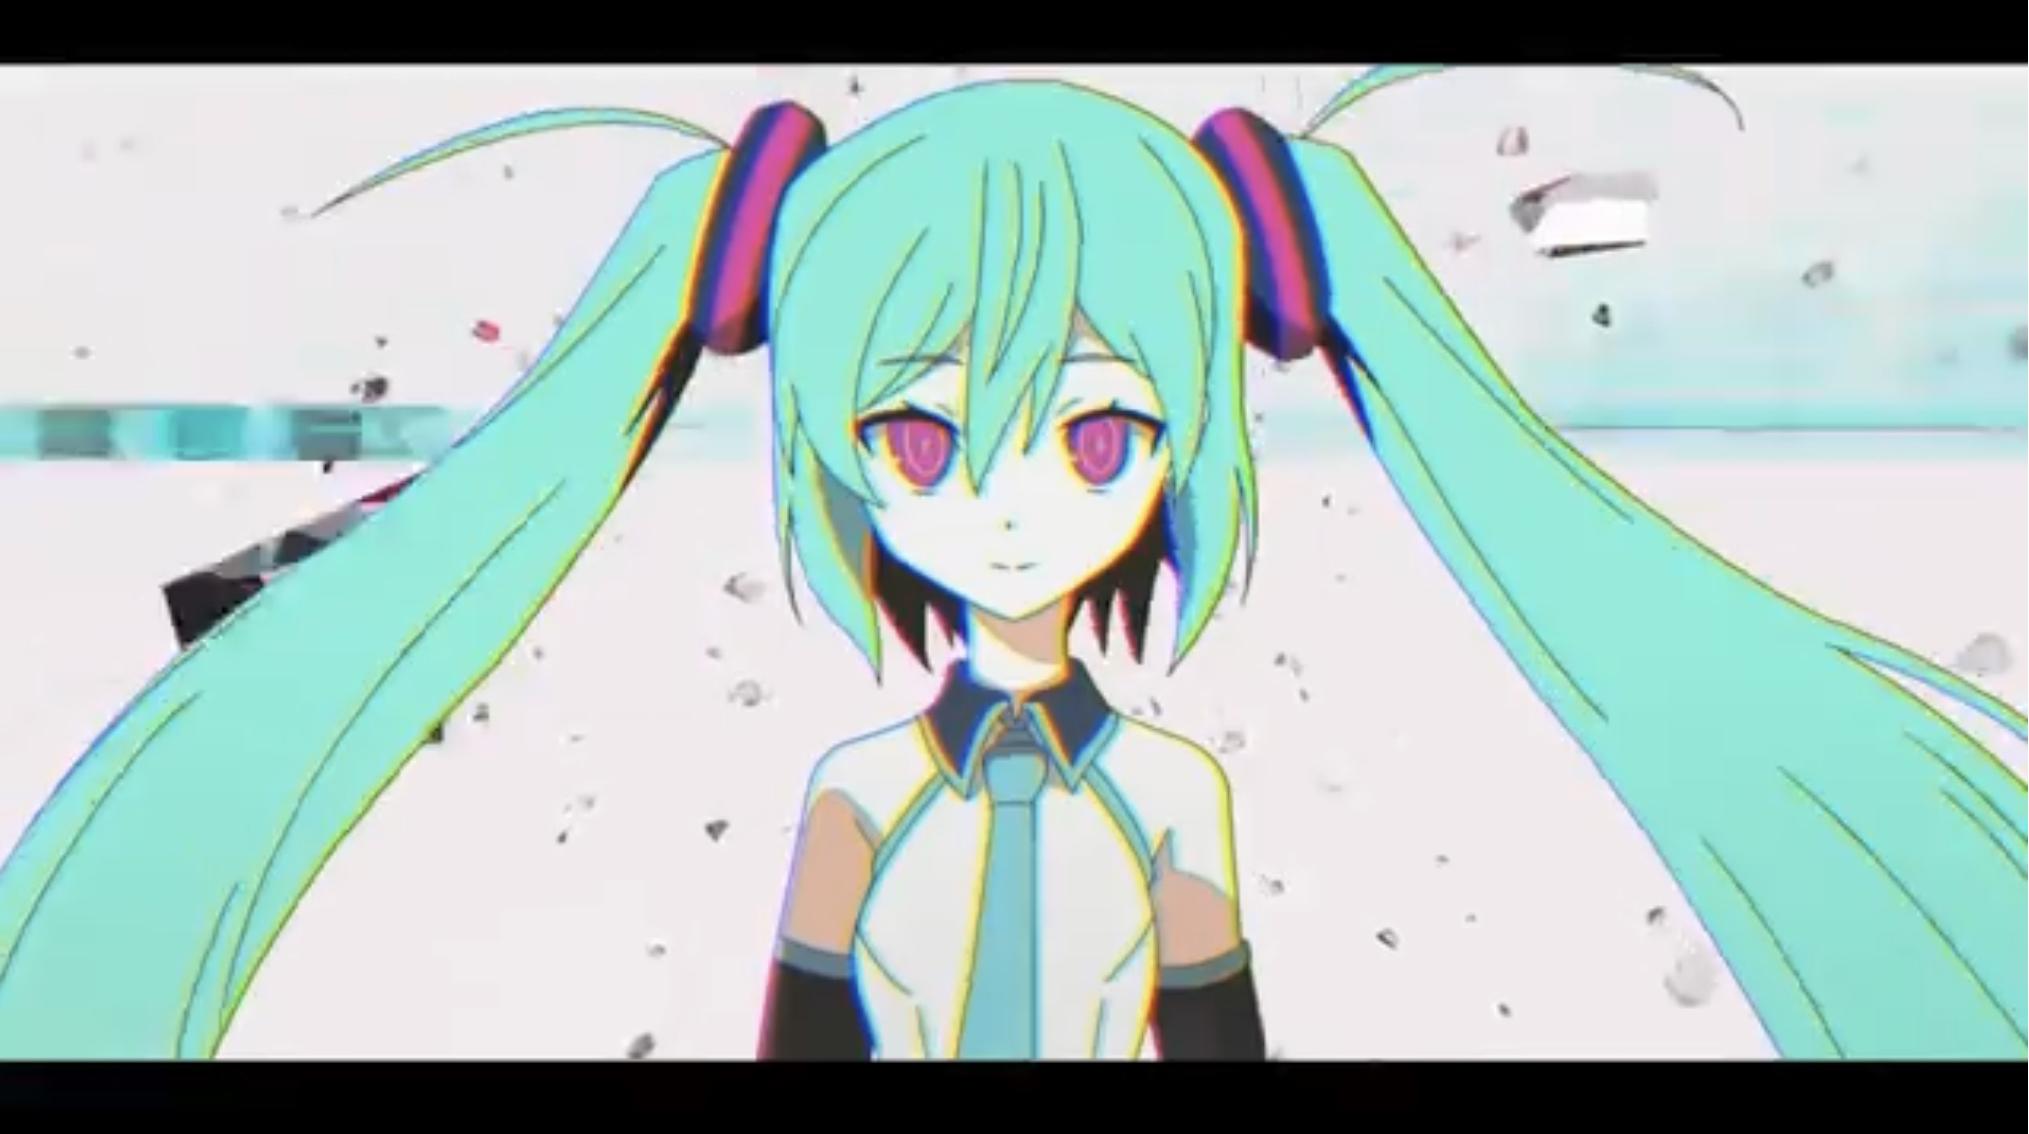 愛されなくても君がいる (Aisarenakute mo Kimi ga Iru)